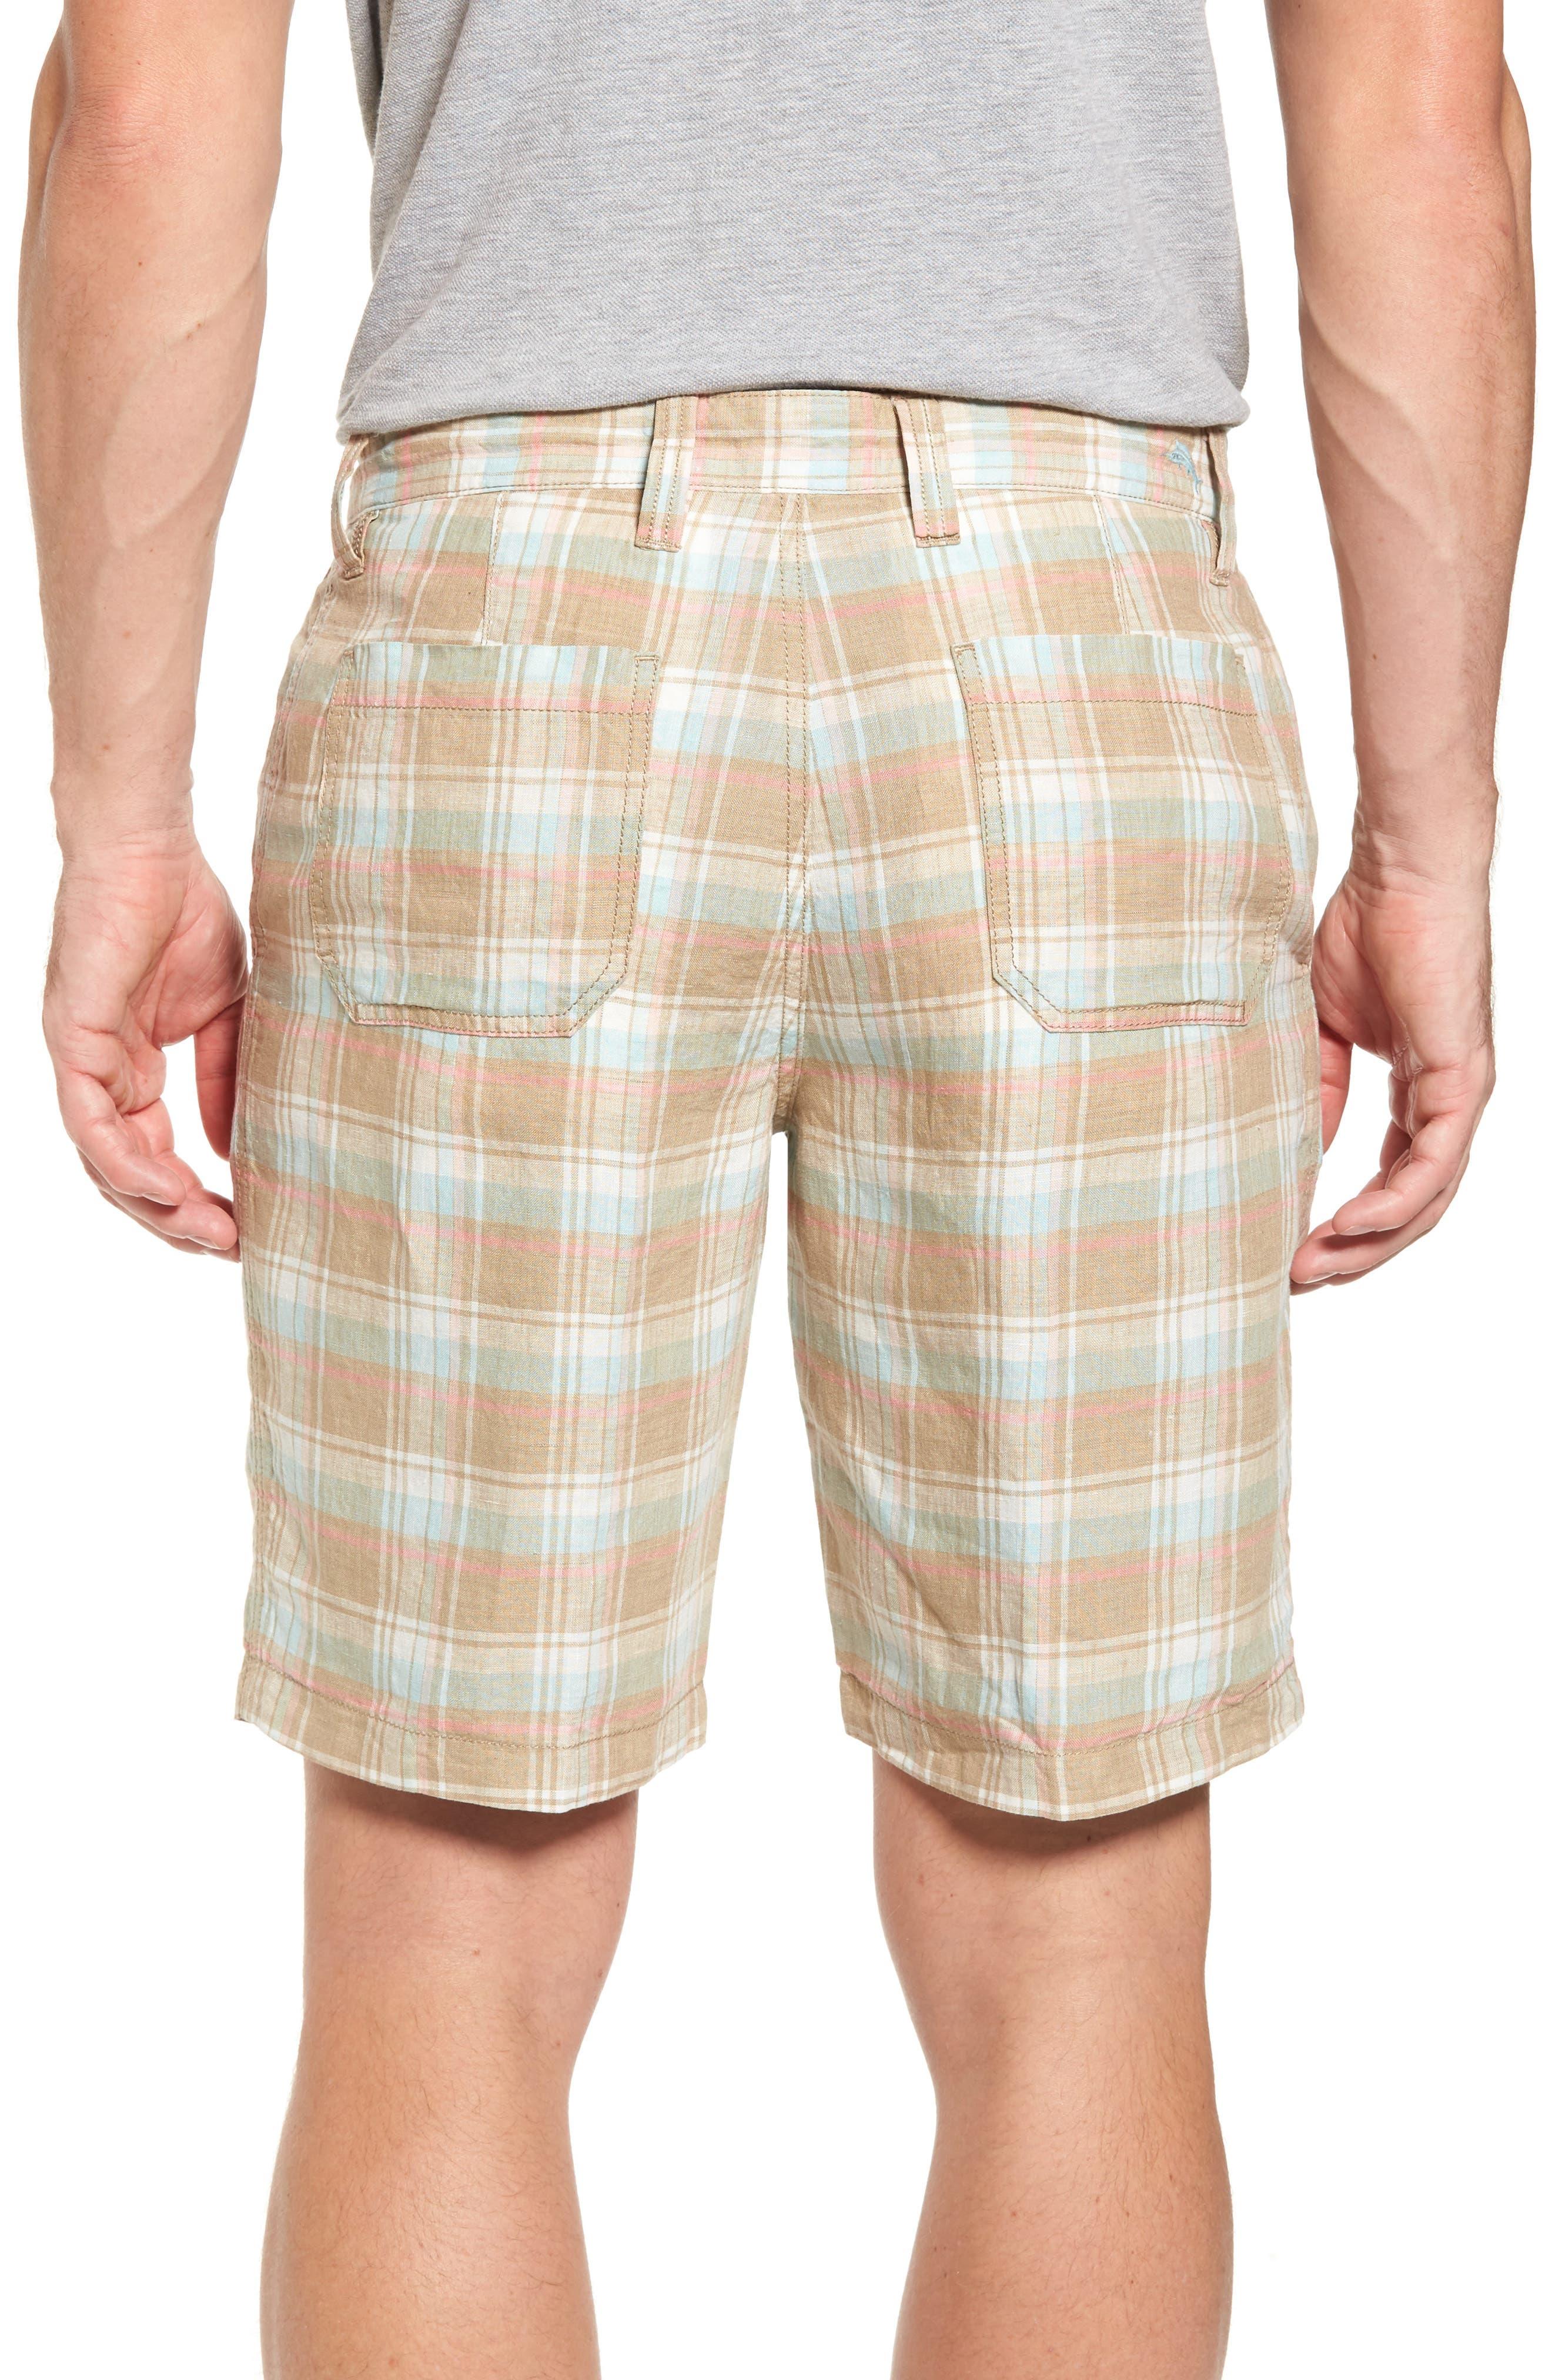 Plaid De Leon Reversible Shorts,                             Alternate thumbnail 2, color,                             Stone Khaki